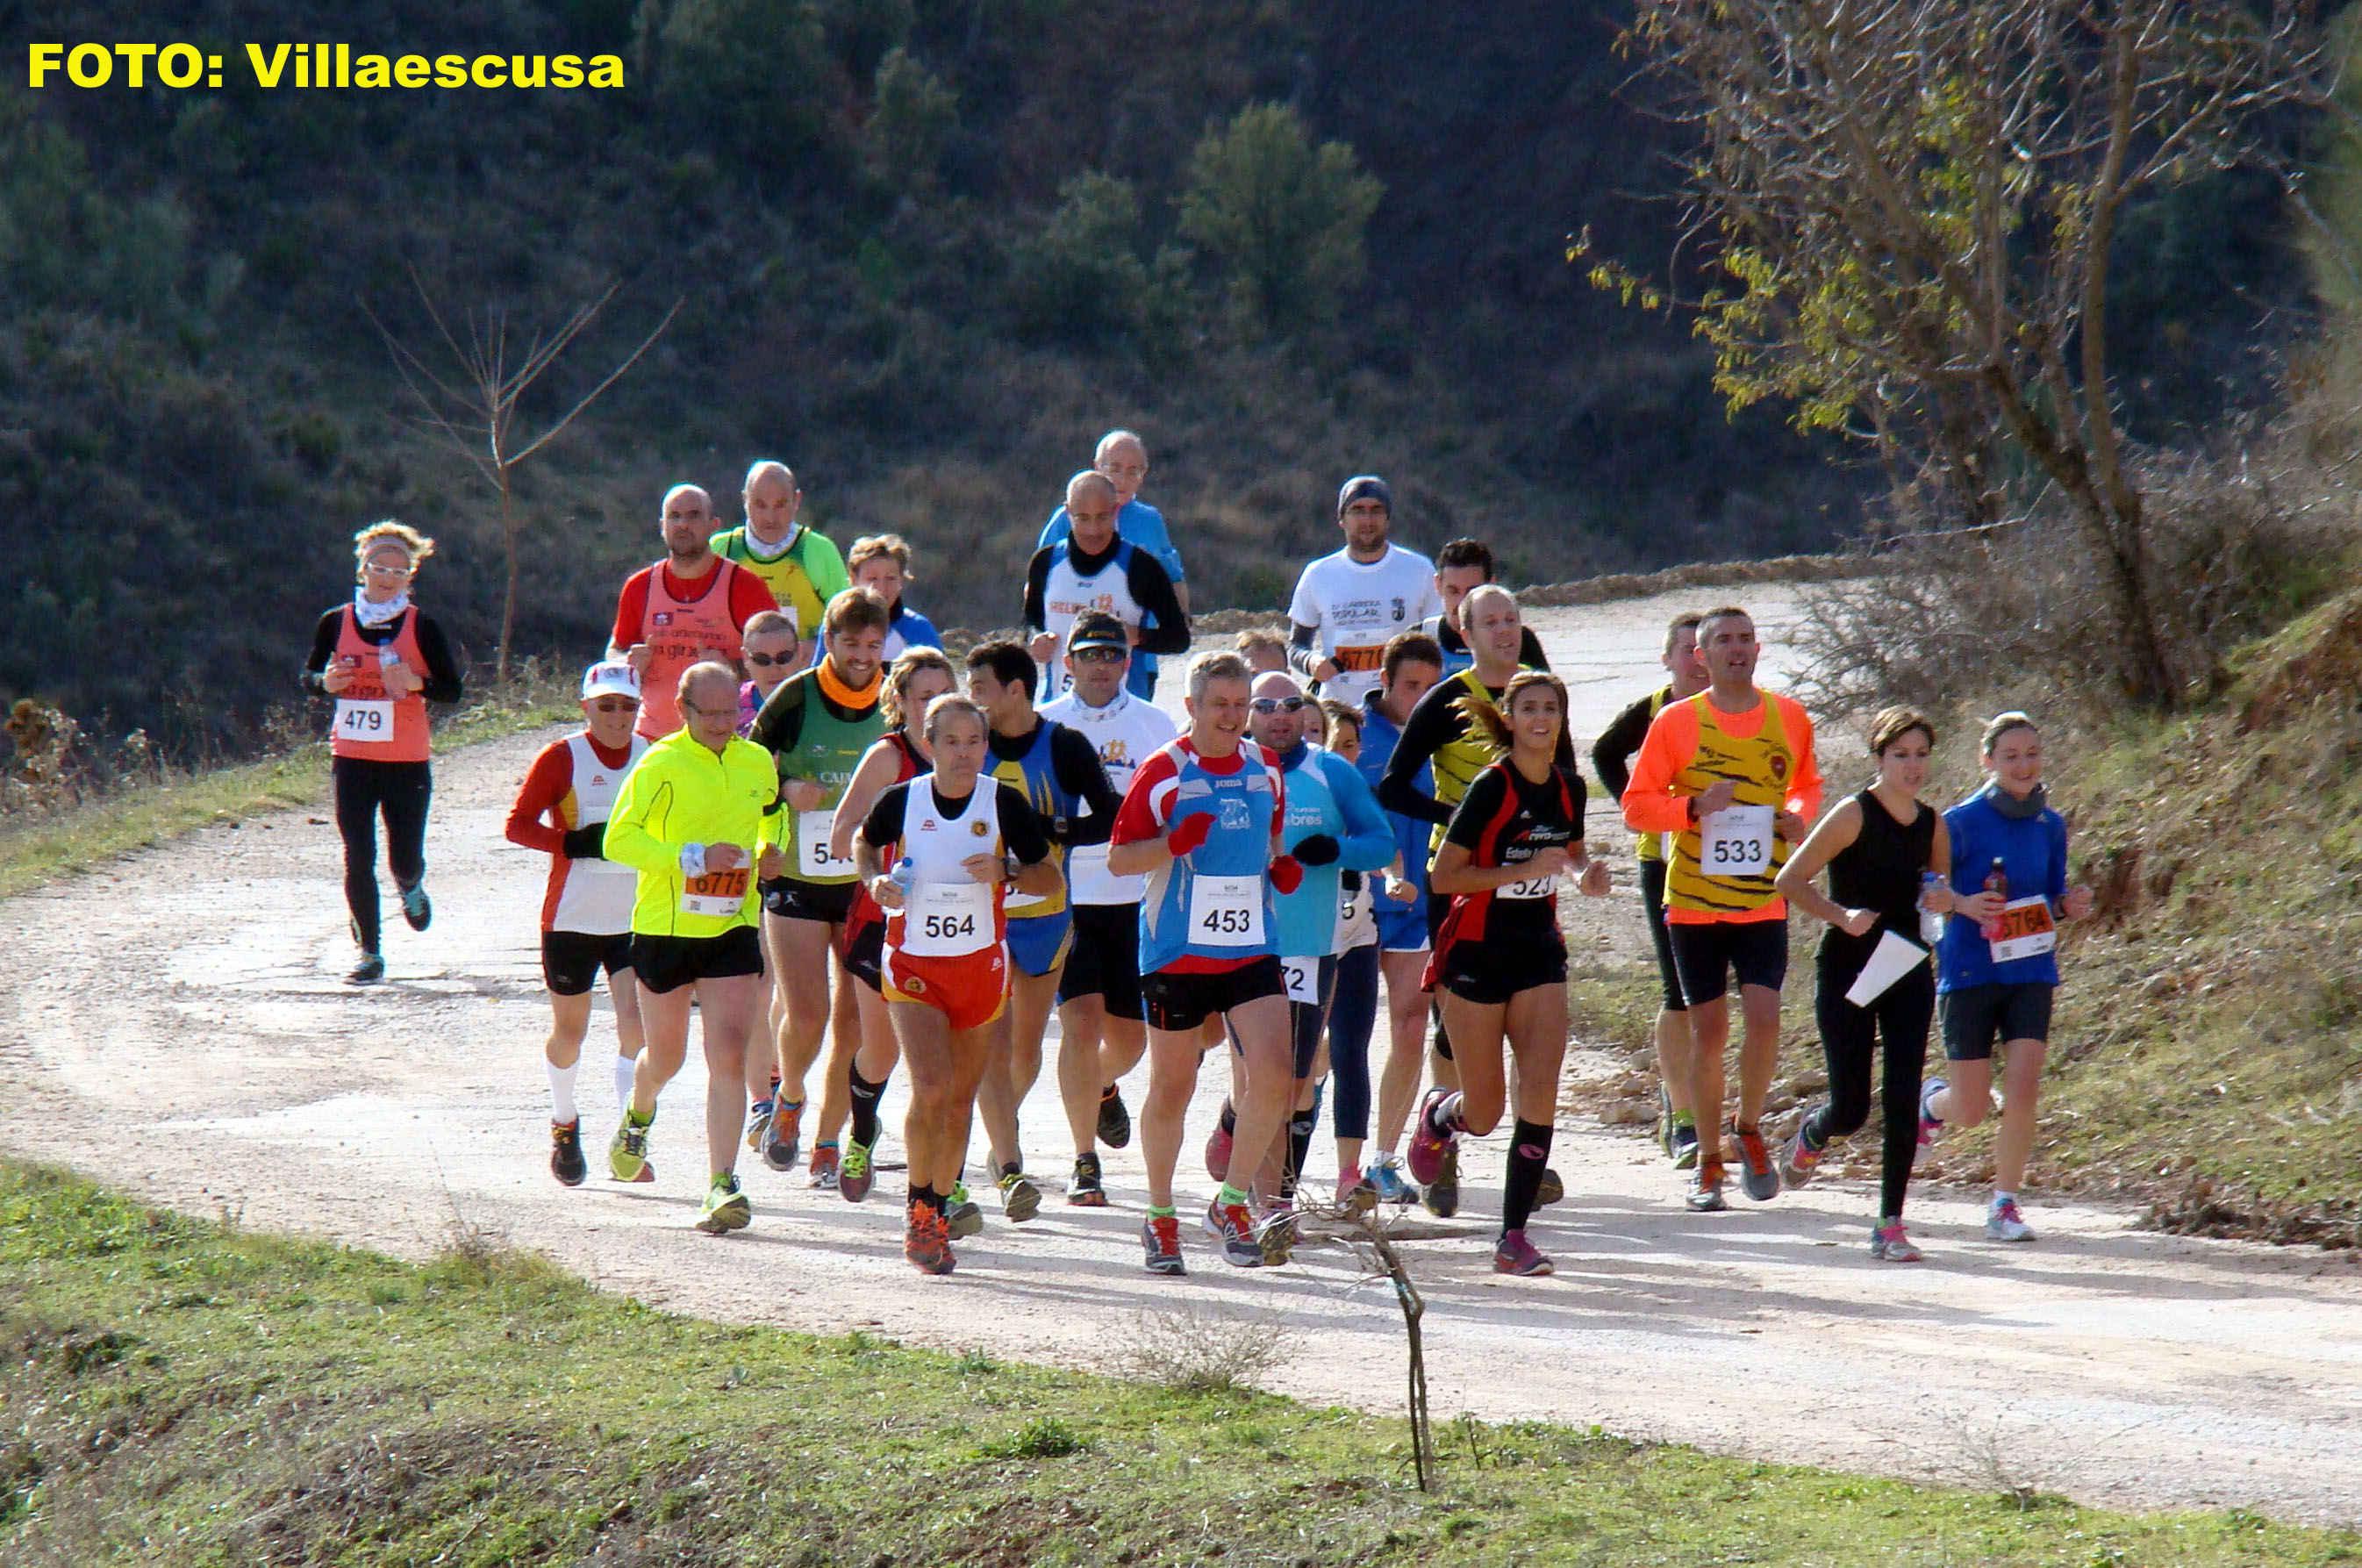 Atletas populares en Paterna del Madera (Foto: Paco Villaescusa)